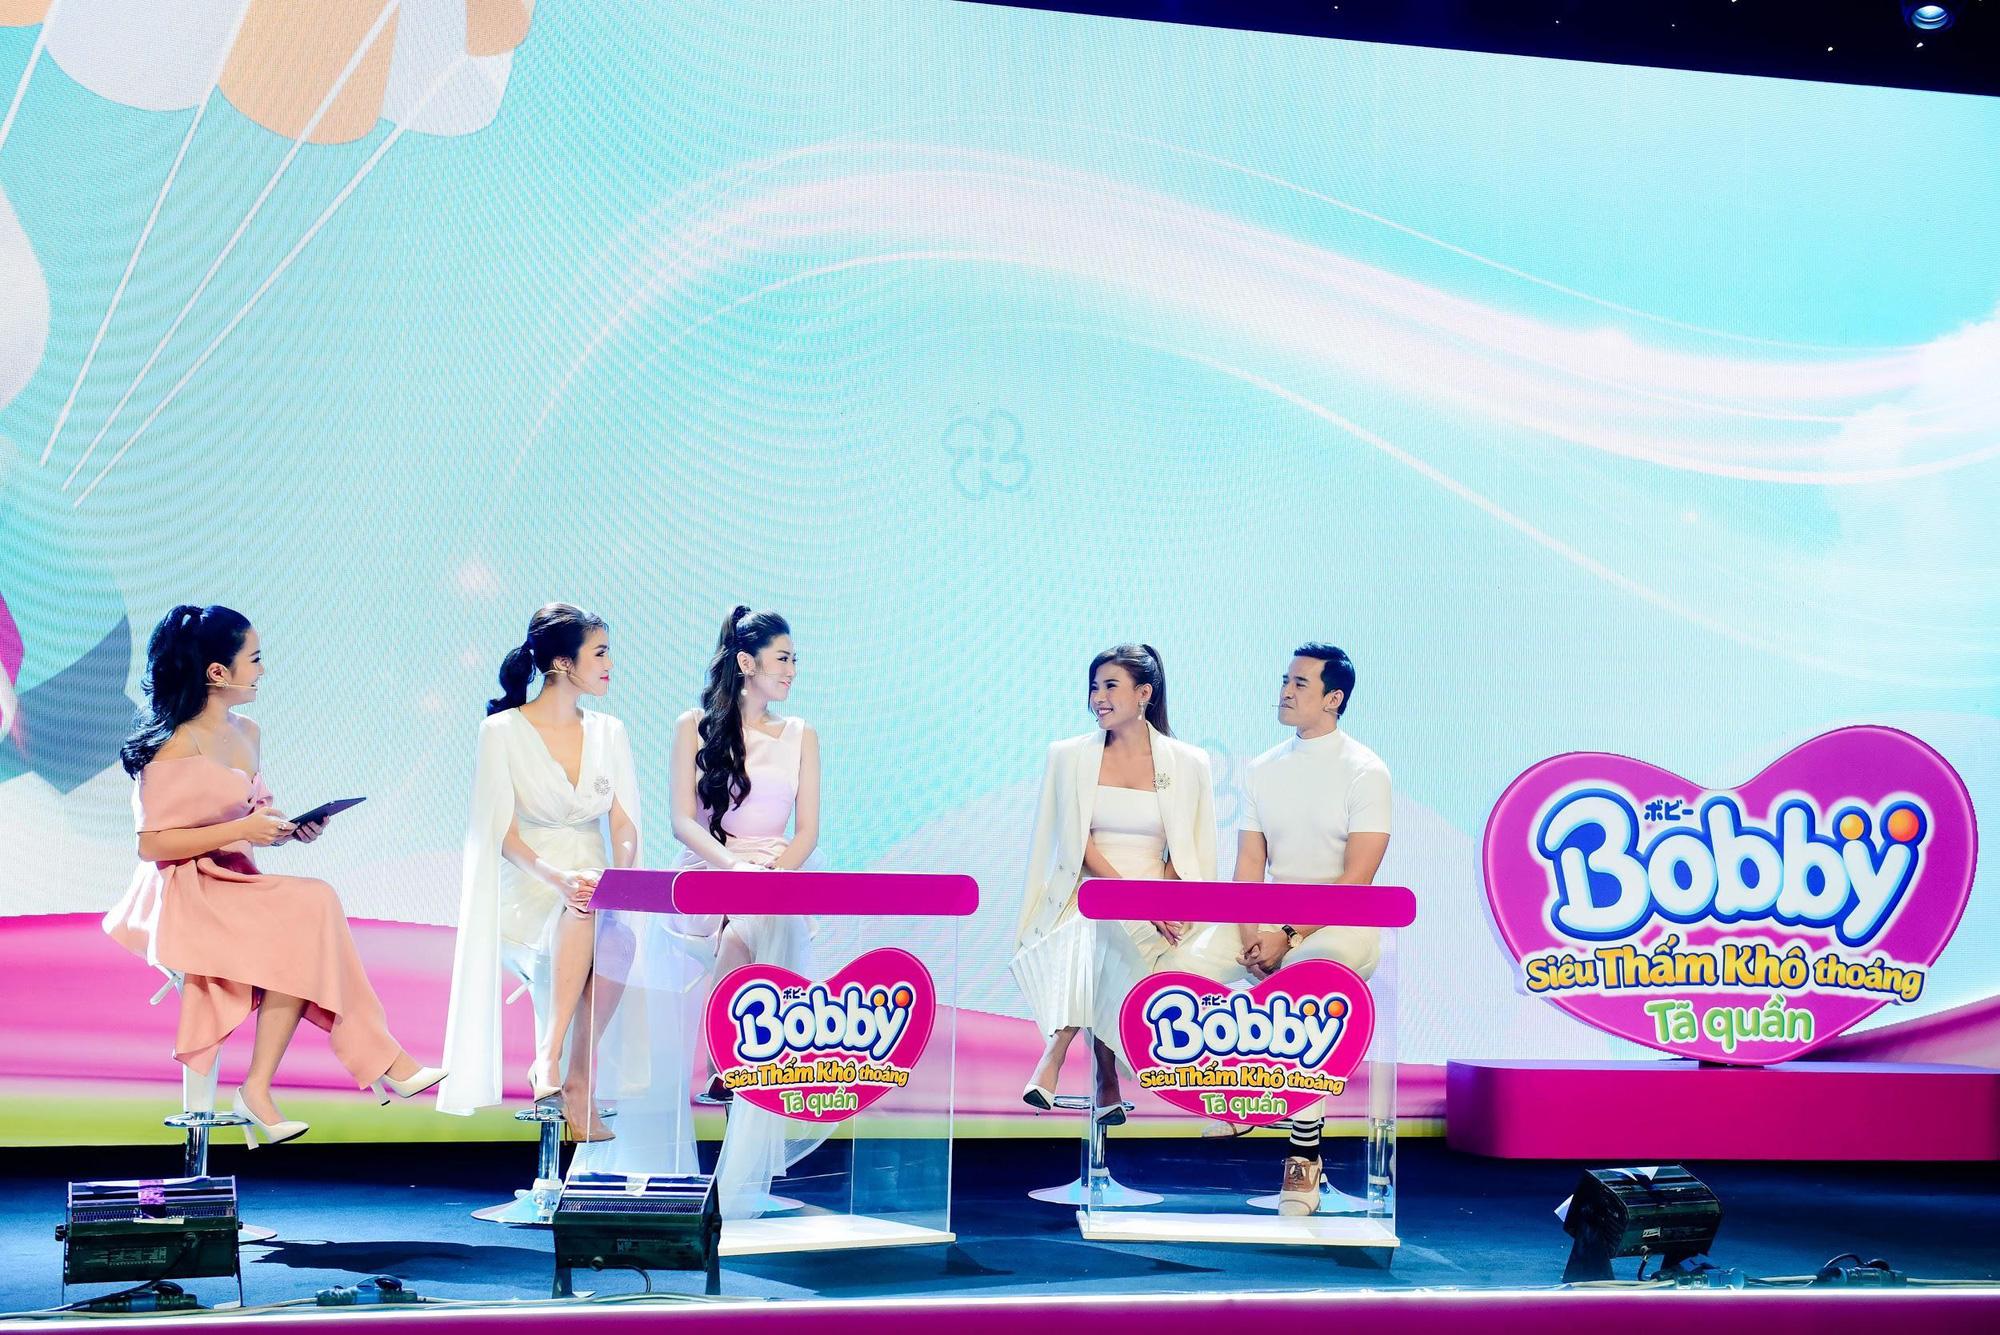 """Điều gì khiến dàn khách mời siêu mẫu Lan Khuê, Á hậu Tú Anh kinh ngạc trong sự kiện """"hạ cánh"""" siêu phẩm từ nhãn hiệu tã nổi tiếng? - Ảnh 2."""